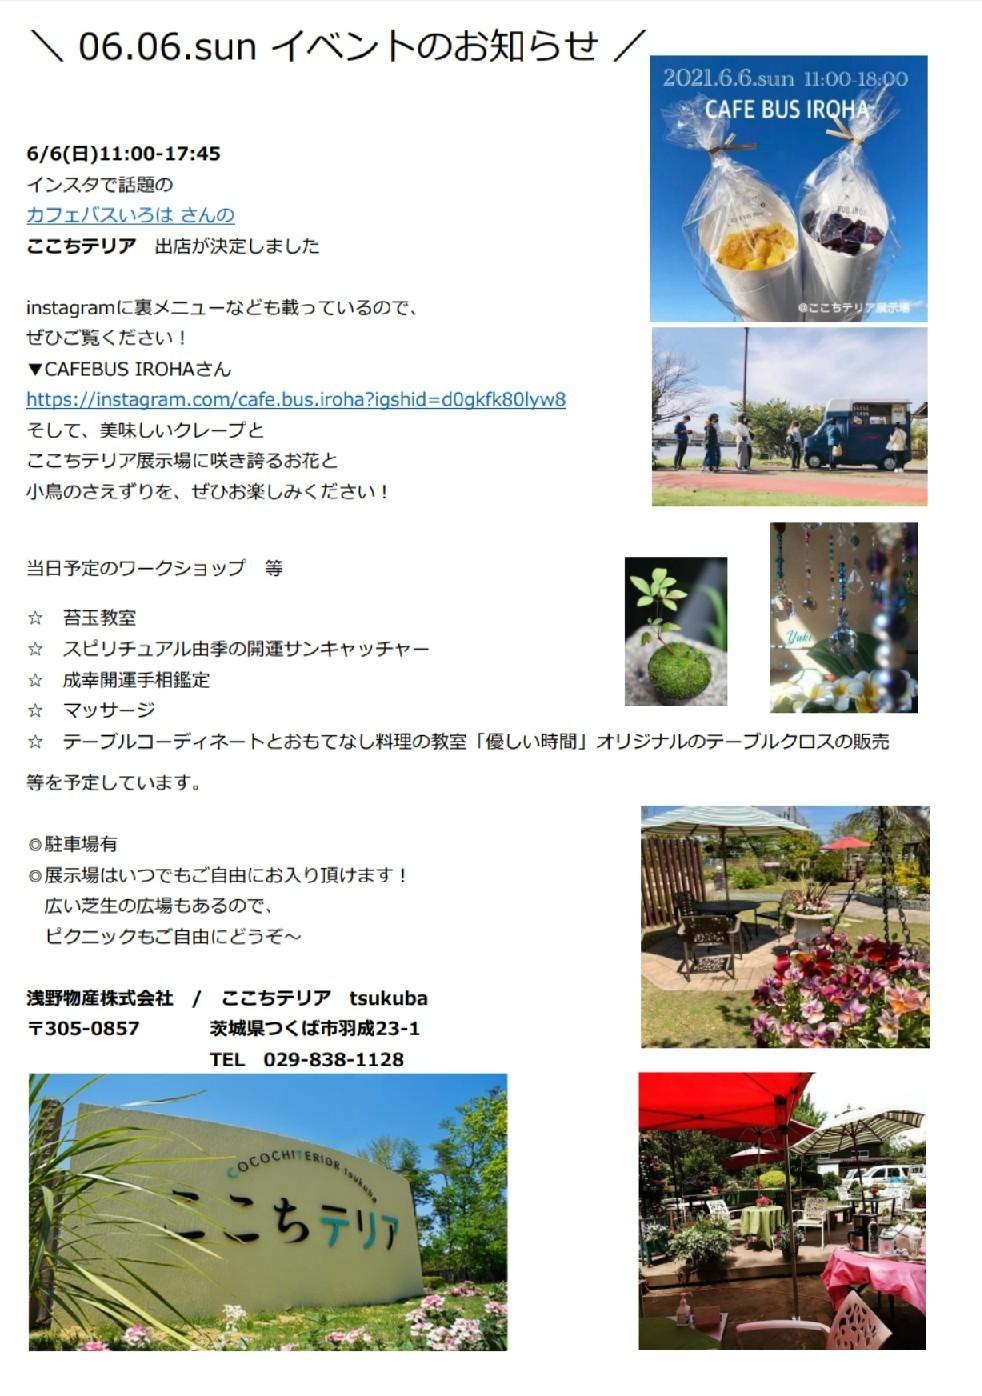 6月6日(日)イベントのお知らせ_f0323446_10012574.jpg